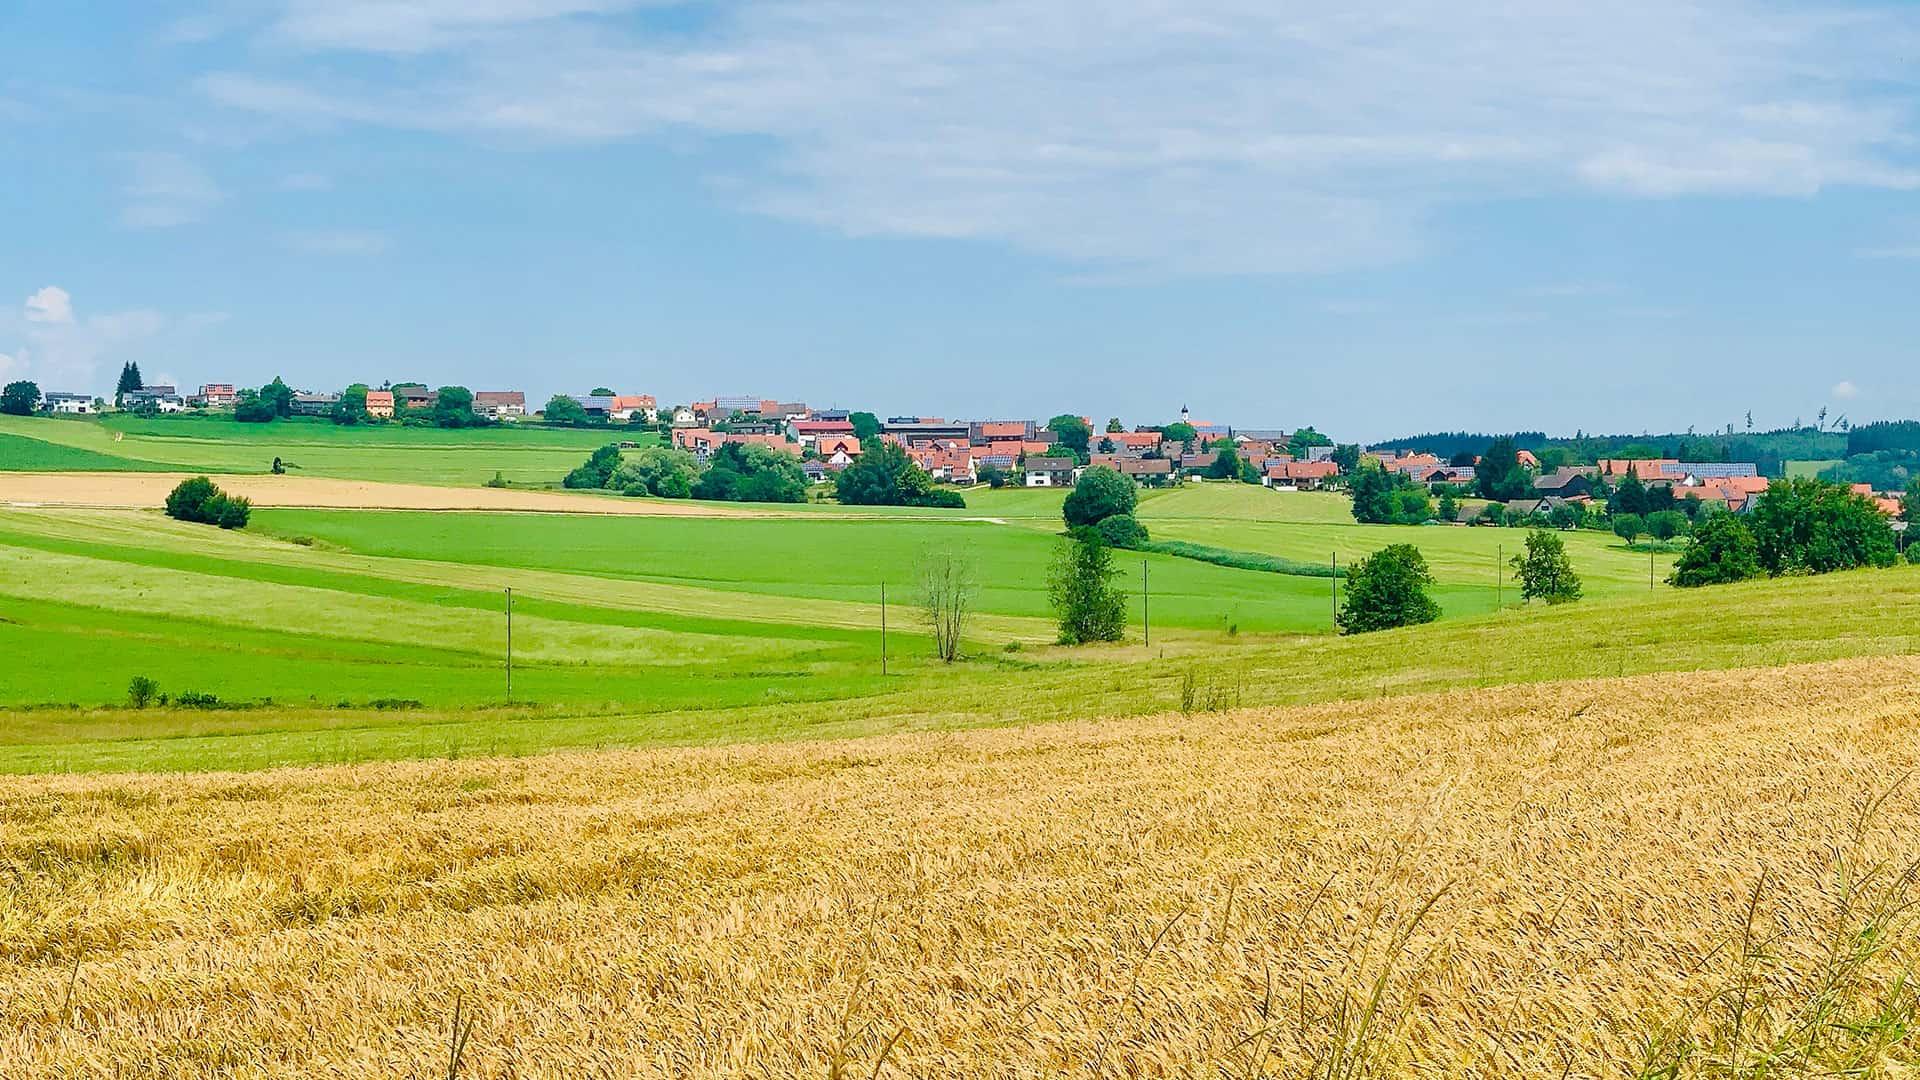 Konradshofen (Südwesten)